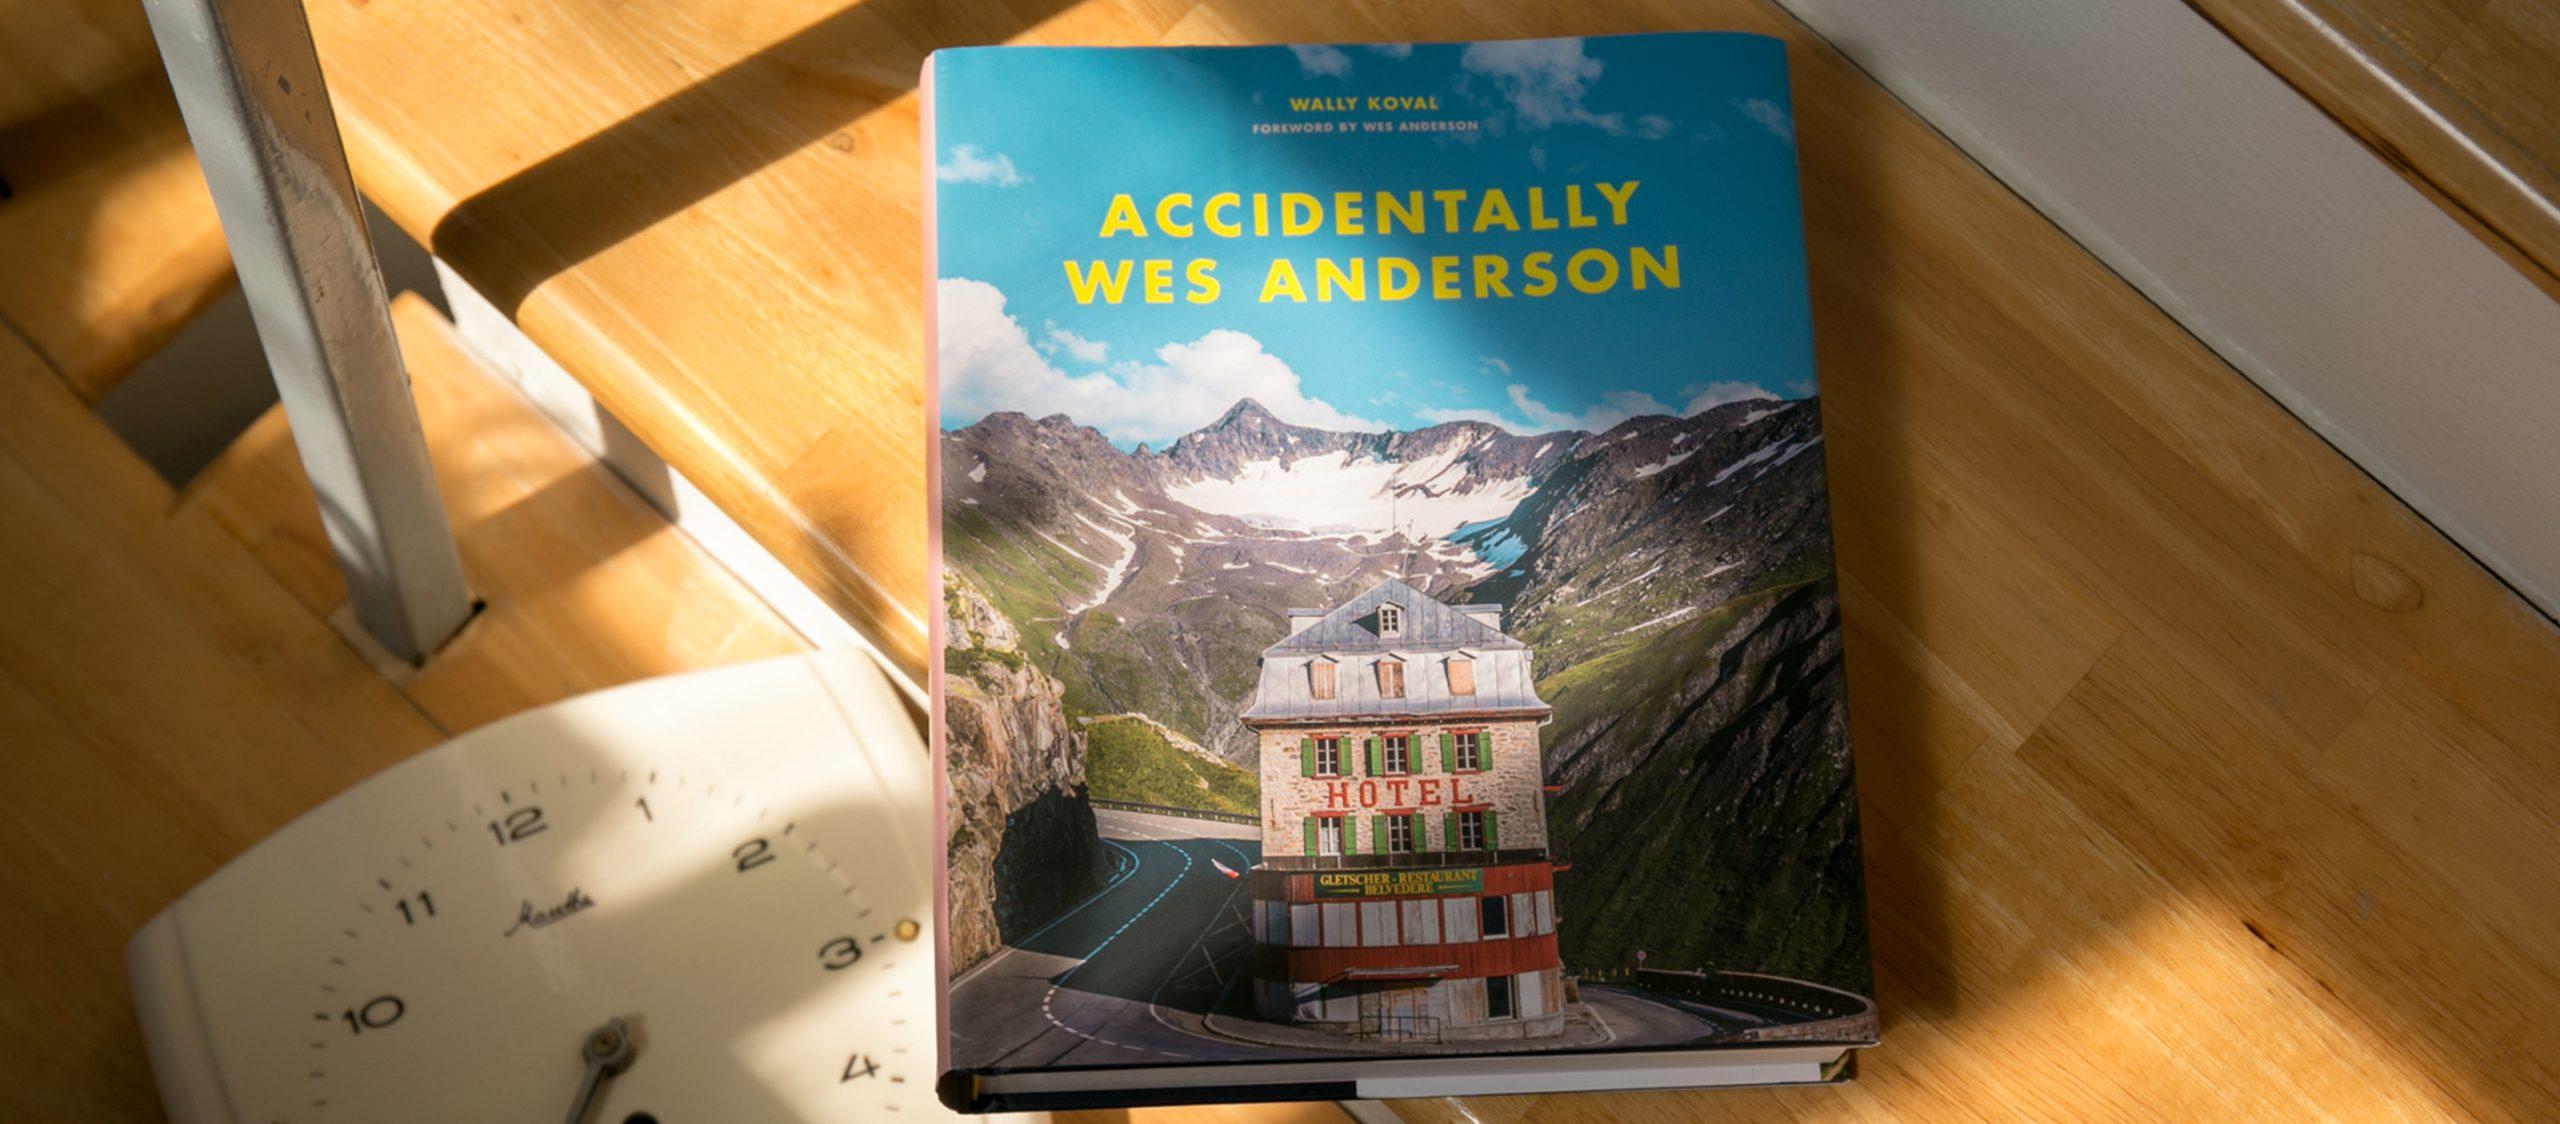 คุยกับเจ้าของหนังสือ Accidentally Wes Anderson 'Wally Koval' ผู้ทำให้โลกนี้กลายเป็นหนังเวส